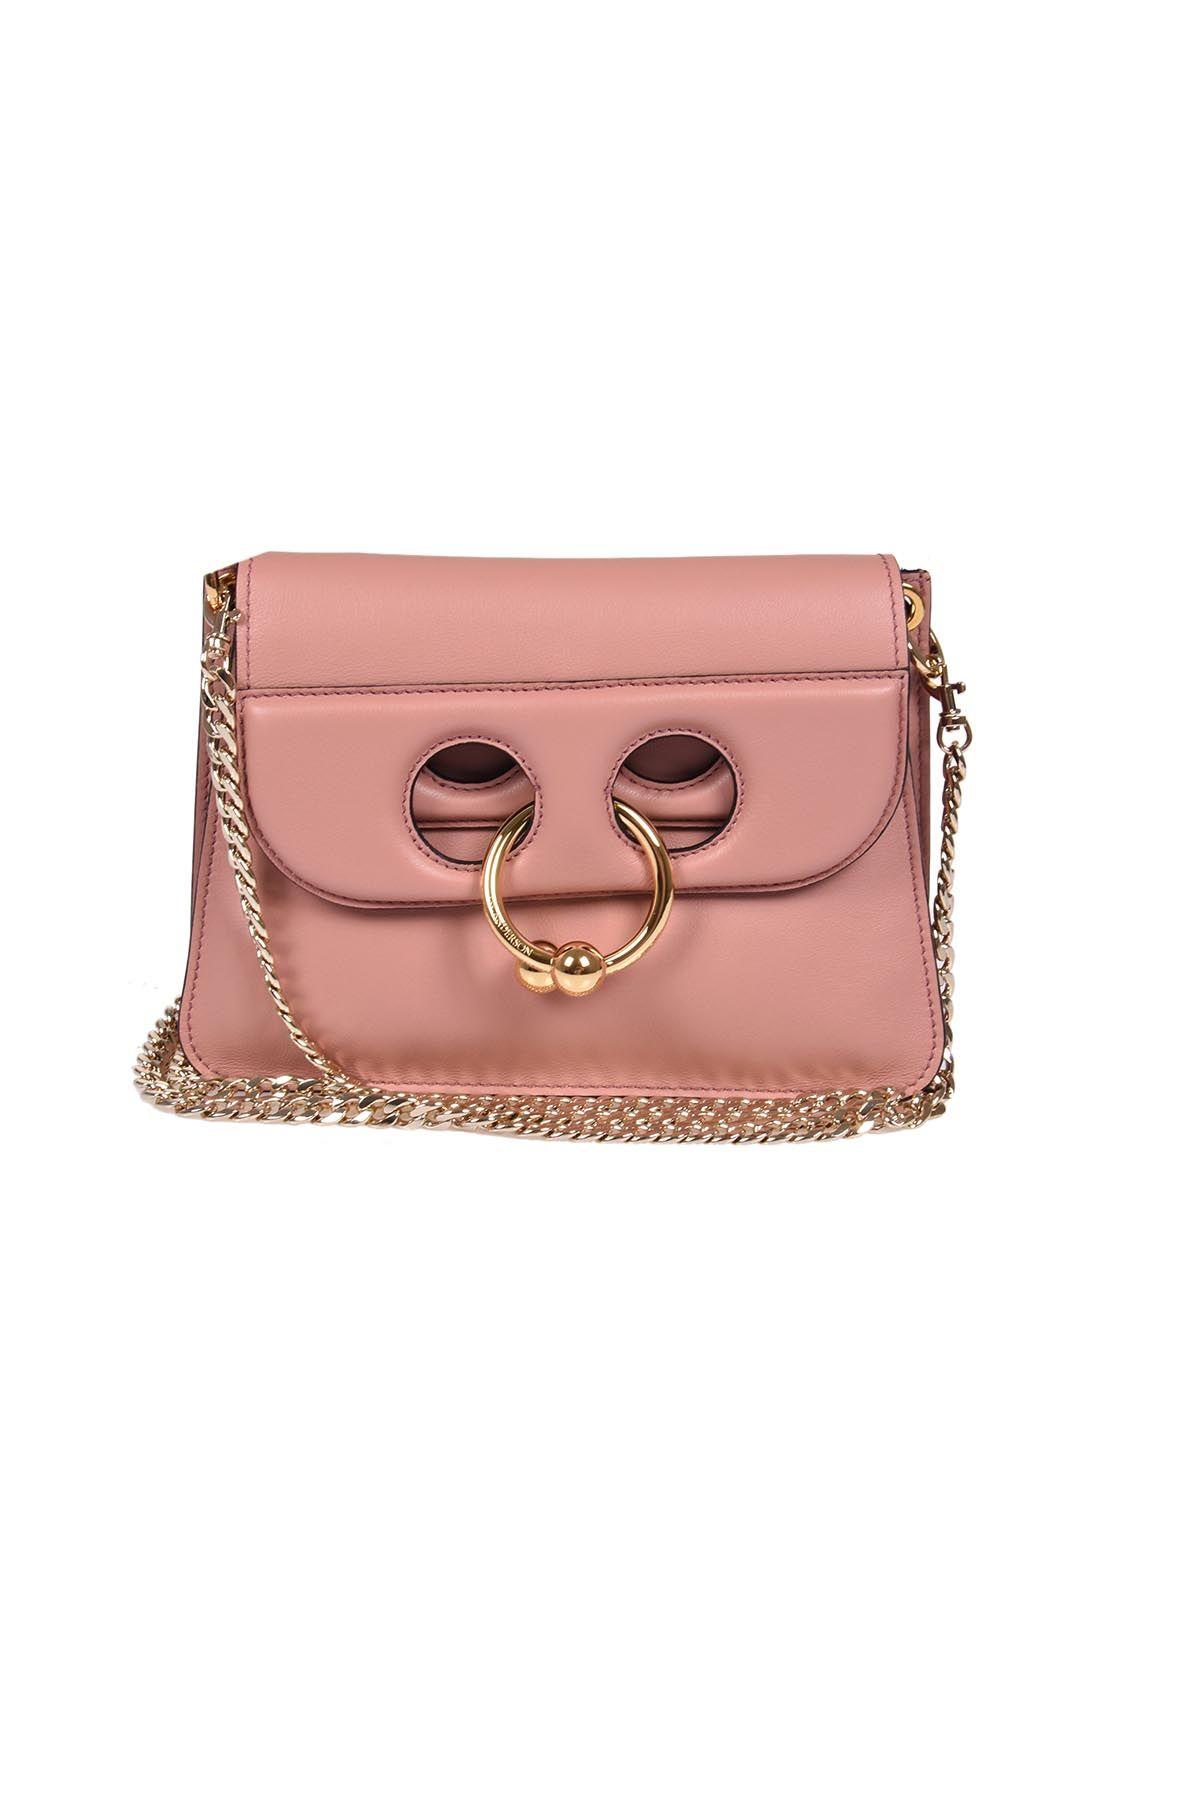 J.W. Anderson Pierce Mini Bag